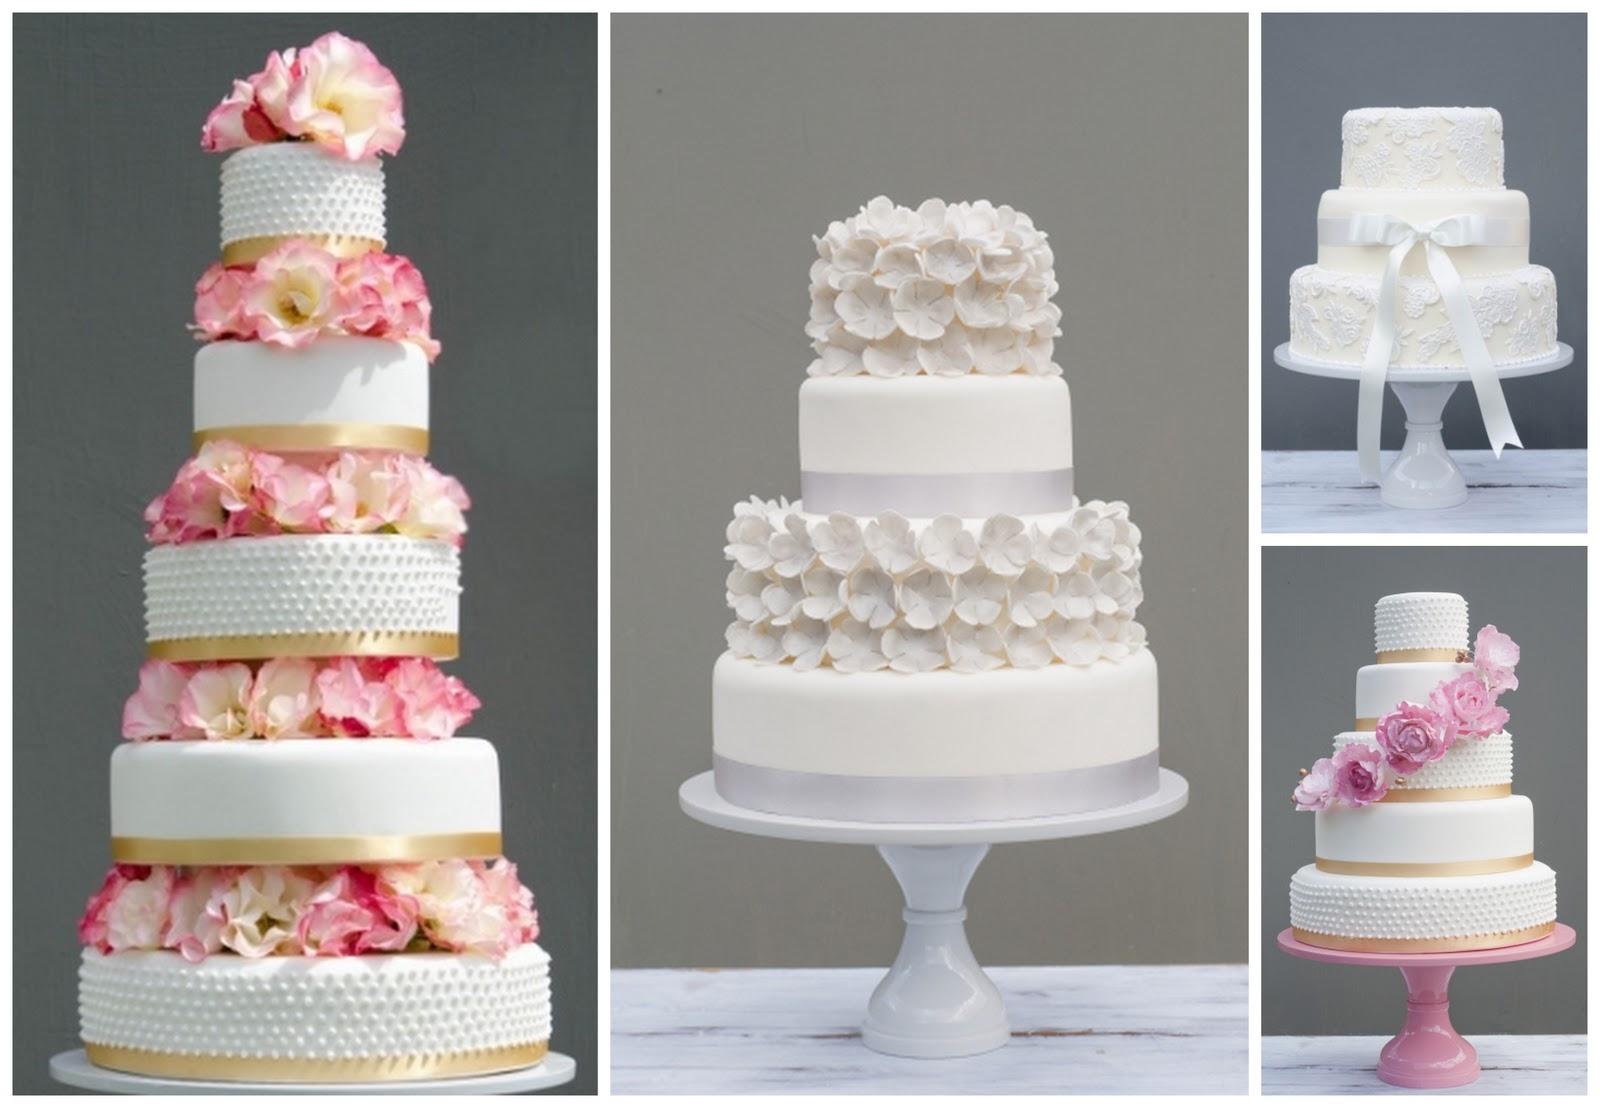 Cake Decorations Wedding Uk : Edible Wedding Place Cards & Cakes